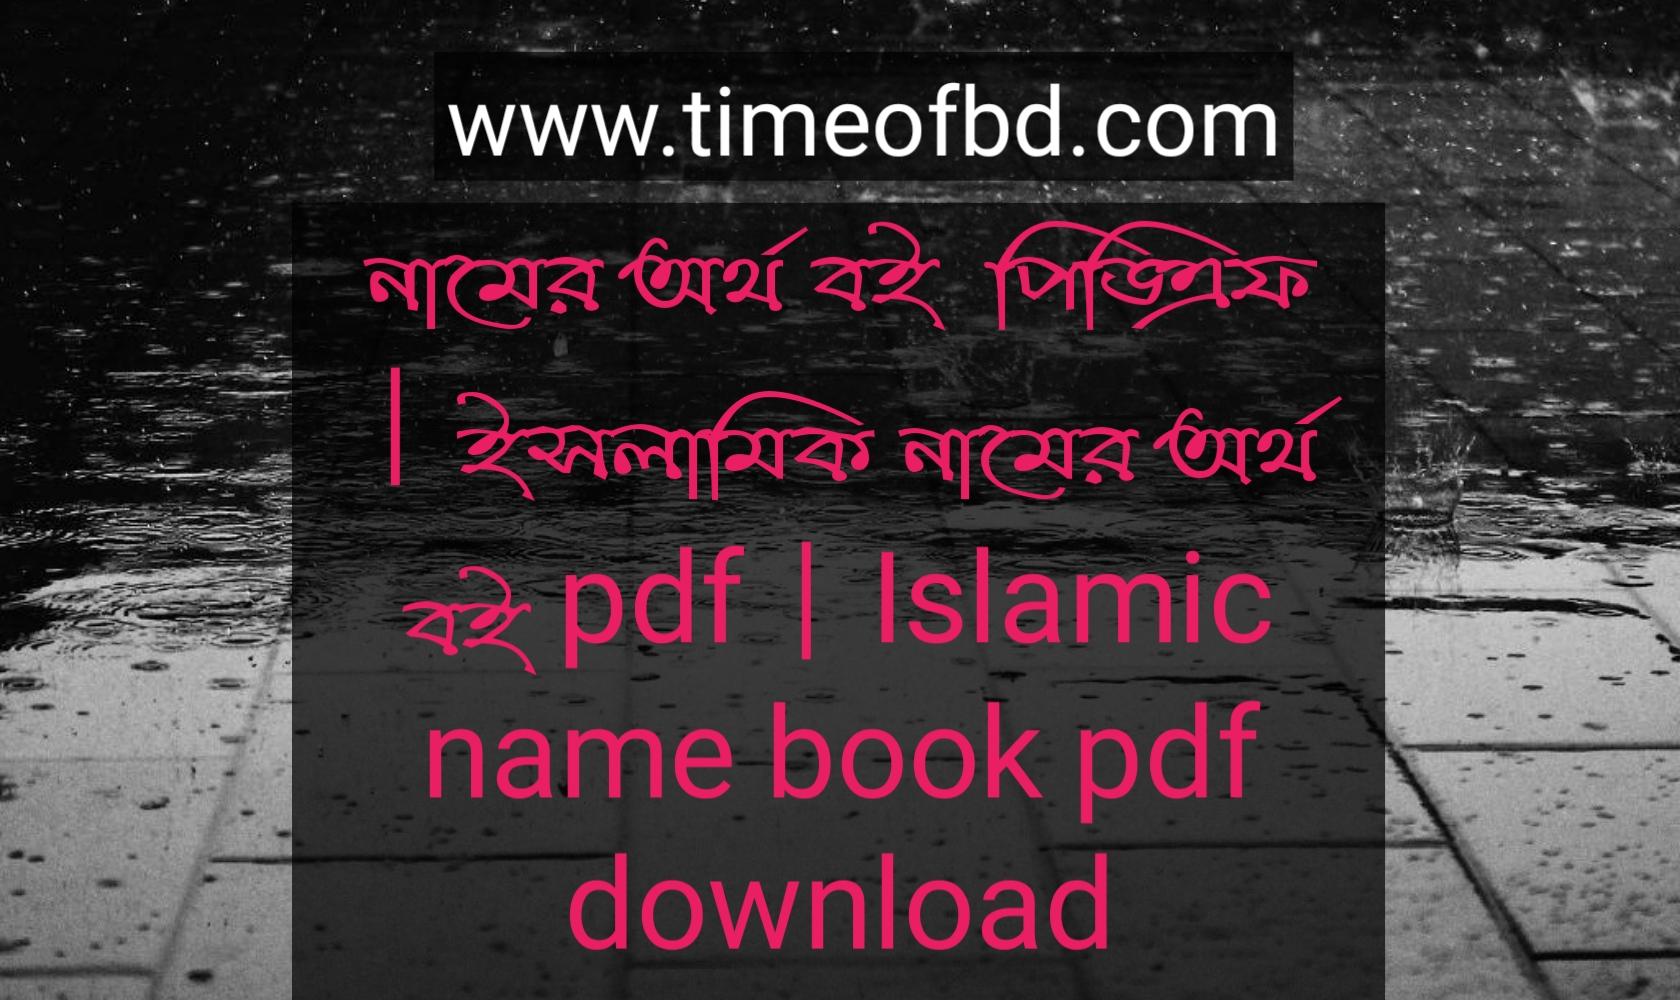 নামের অর্থ বই pdf, নামের অর্থ বই  পিডিএফ ডাউনলোড, নামের অর্থ বই  পিডিএফ, ইসলামিক নামের অর্থ বই pdf,